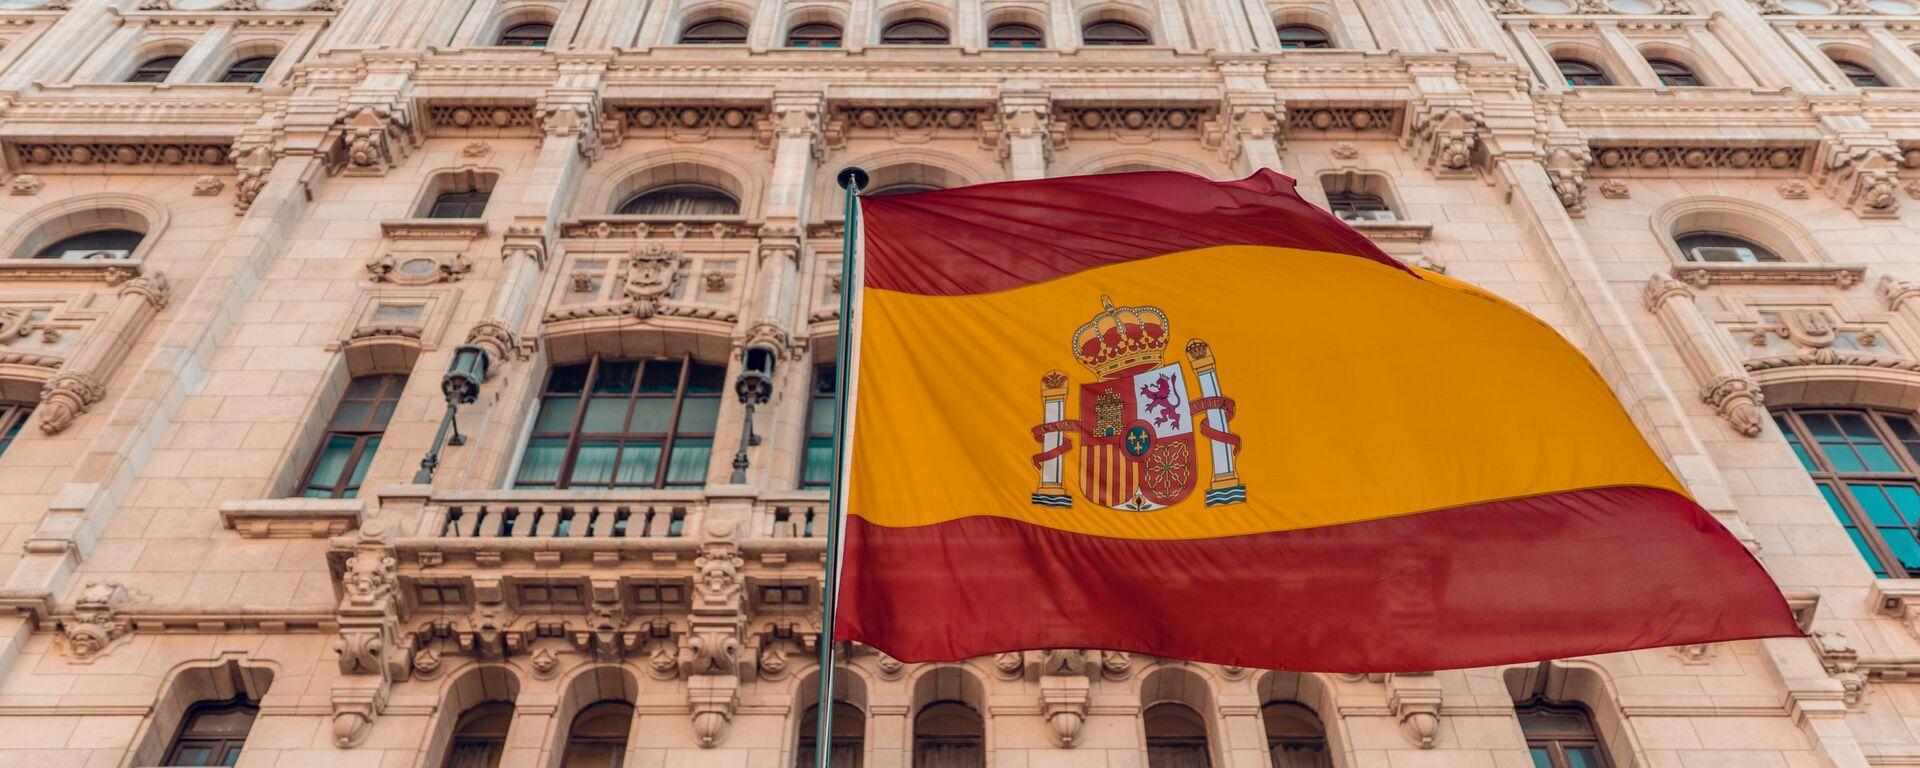 La bandera de España  - Sputnik Mundo, 1920, 16.12.2020